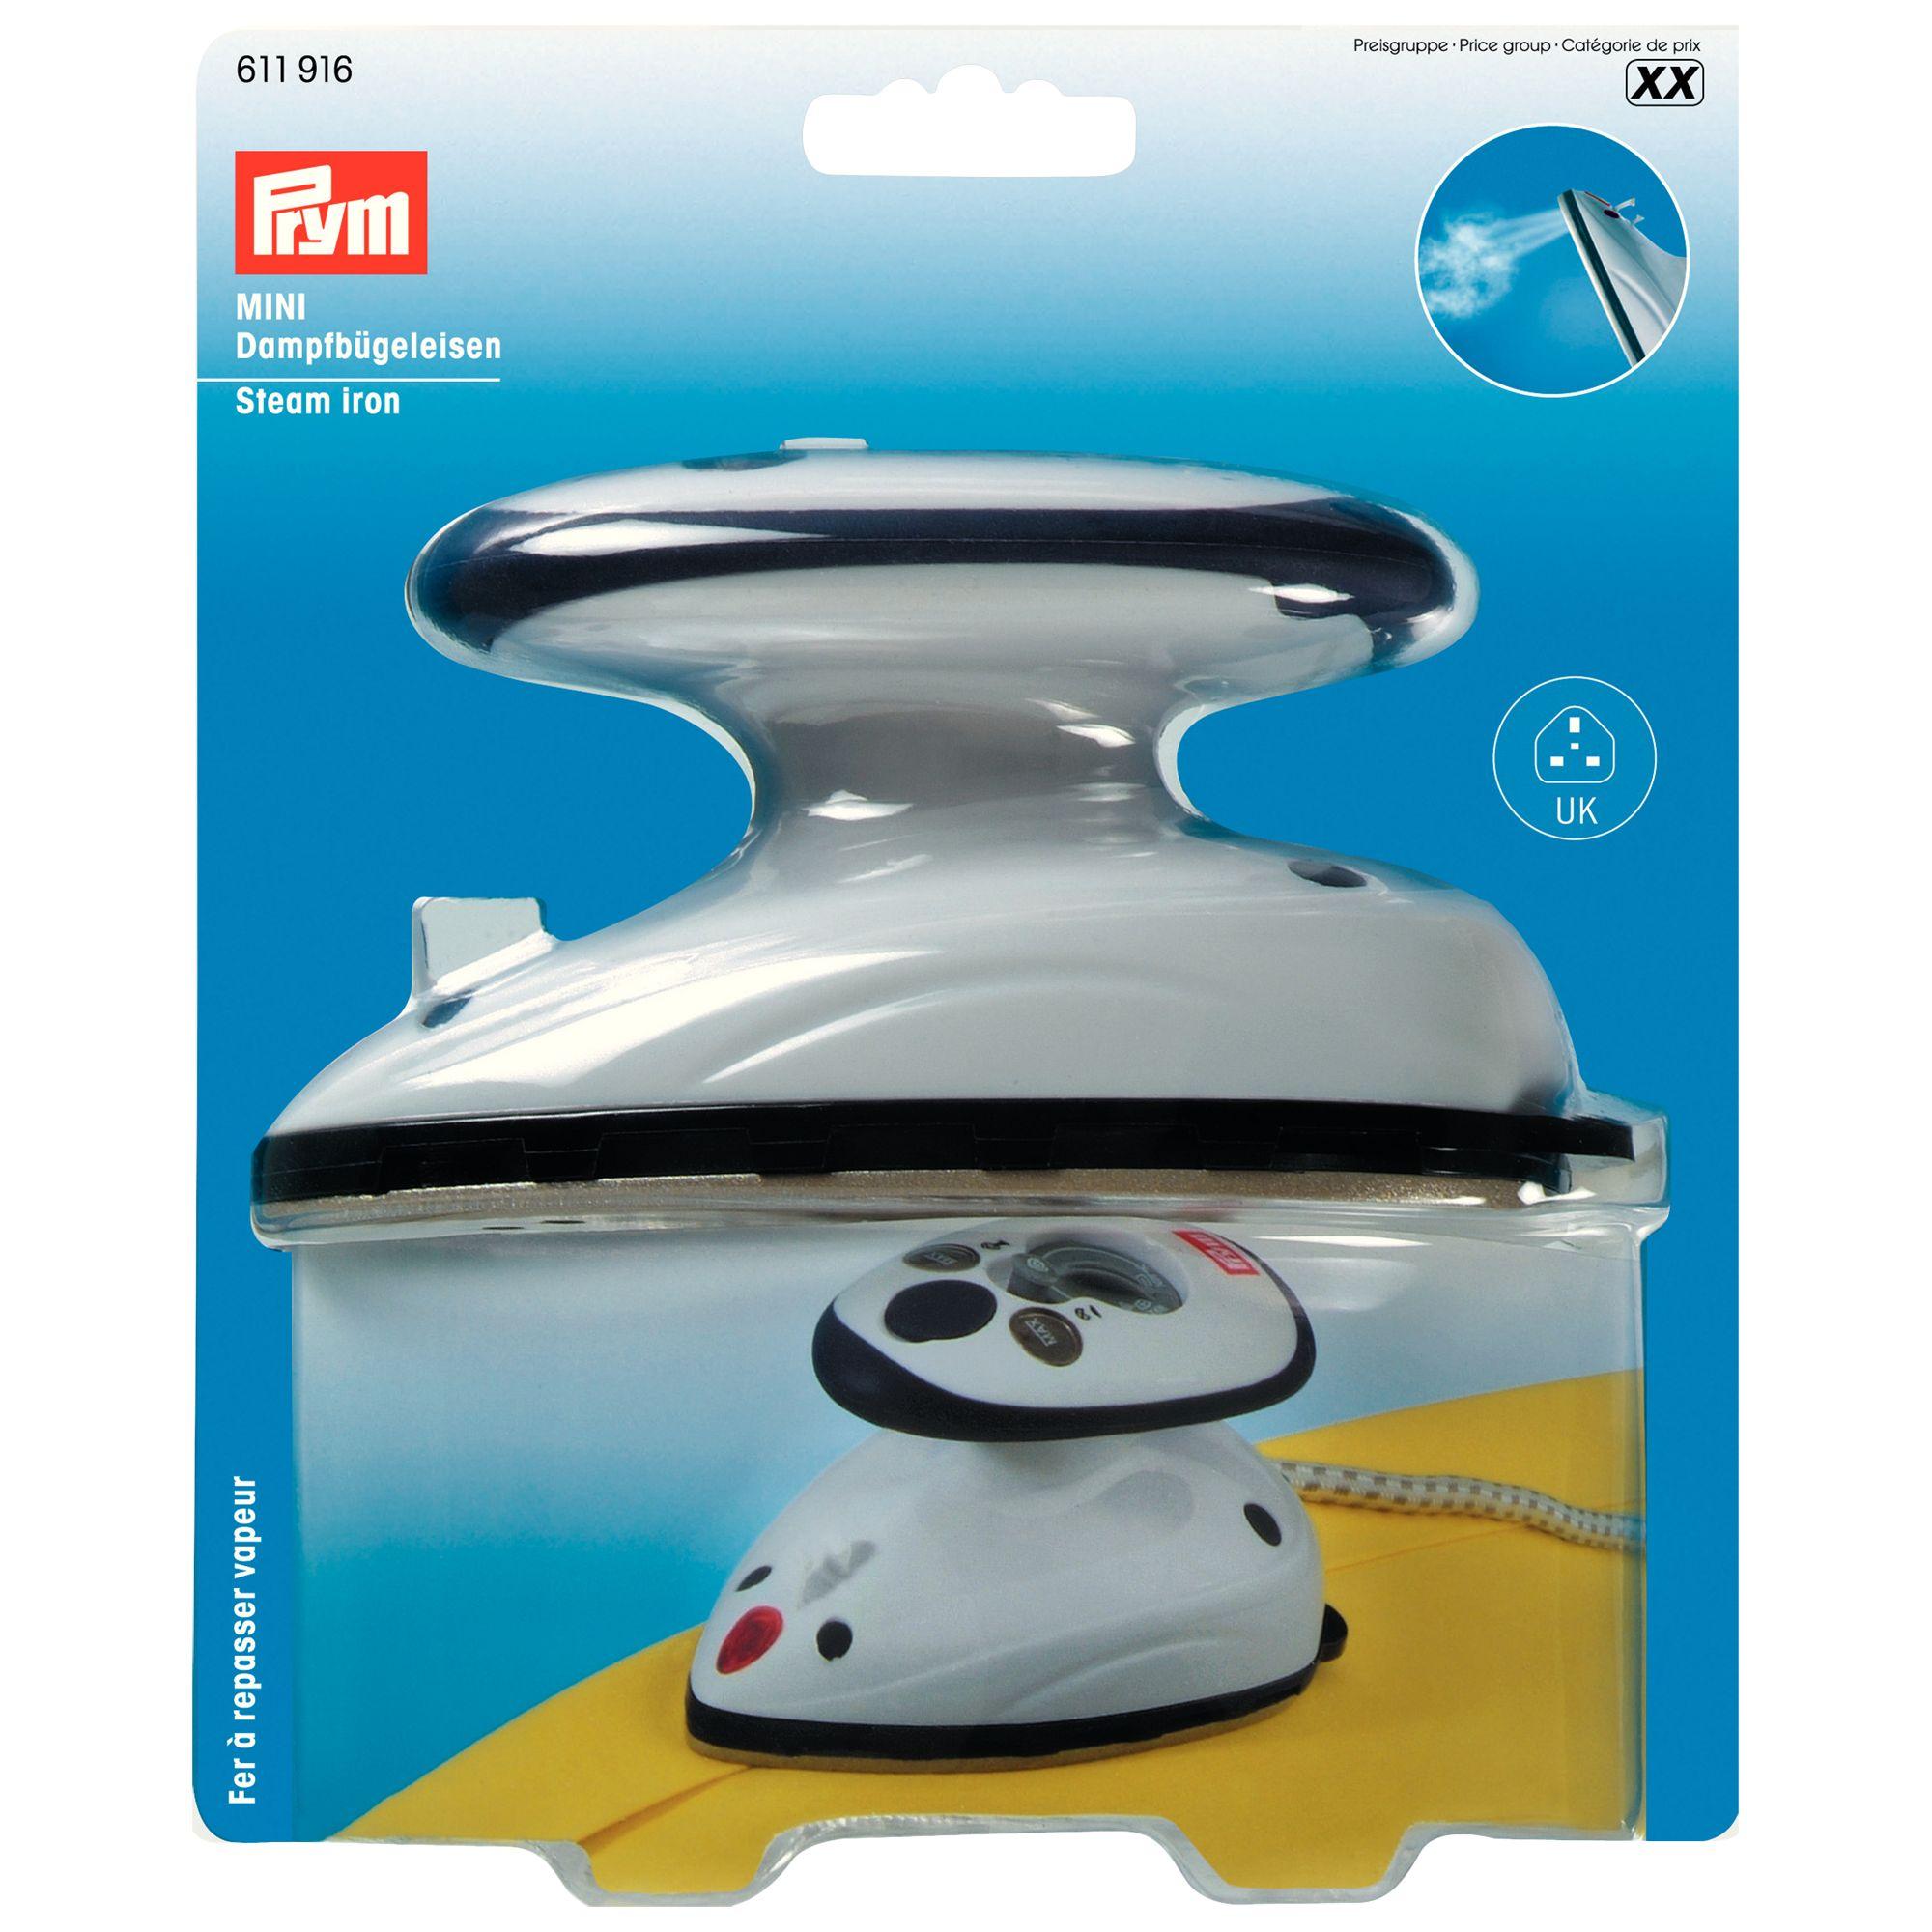 Prym Prym Mini Steam Iron